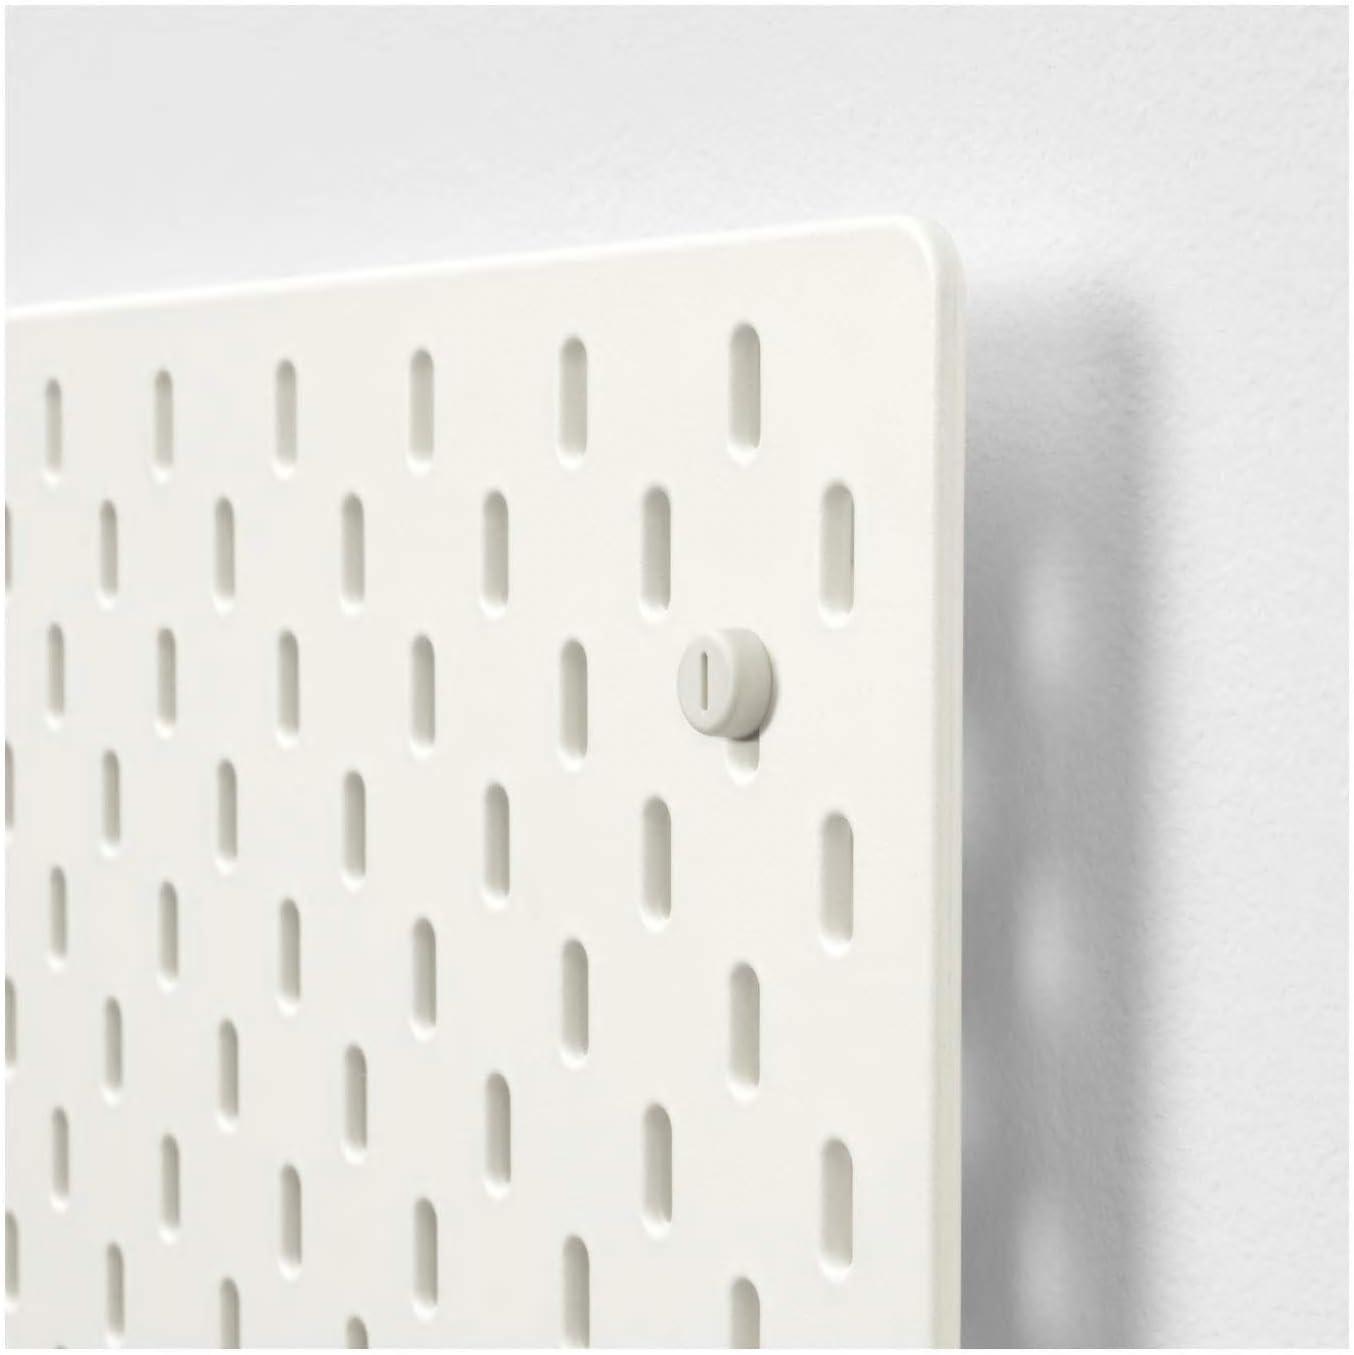 pintura acr/ílica de metal color blanco recubrimiento en polvo Tablero de clavijas material base: tablero de fibra My Stylo Collection partes: acero 56 x 56 cm